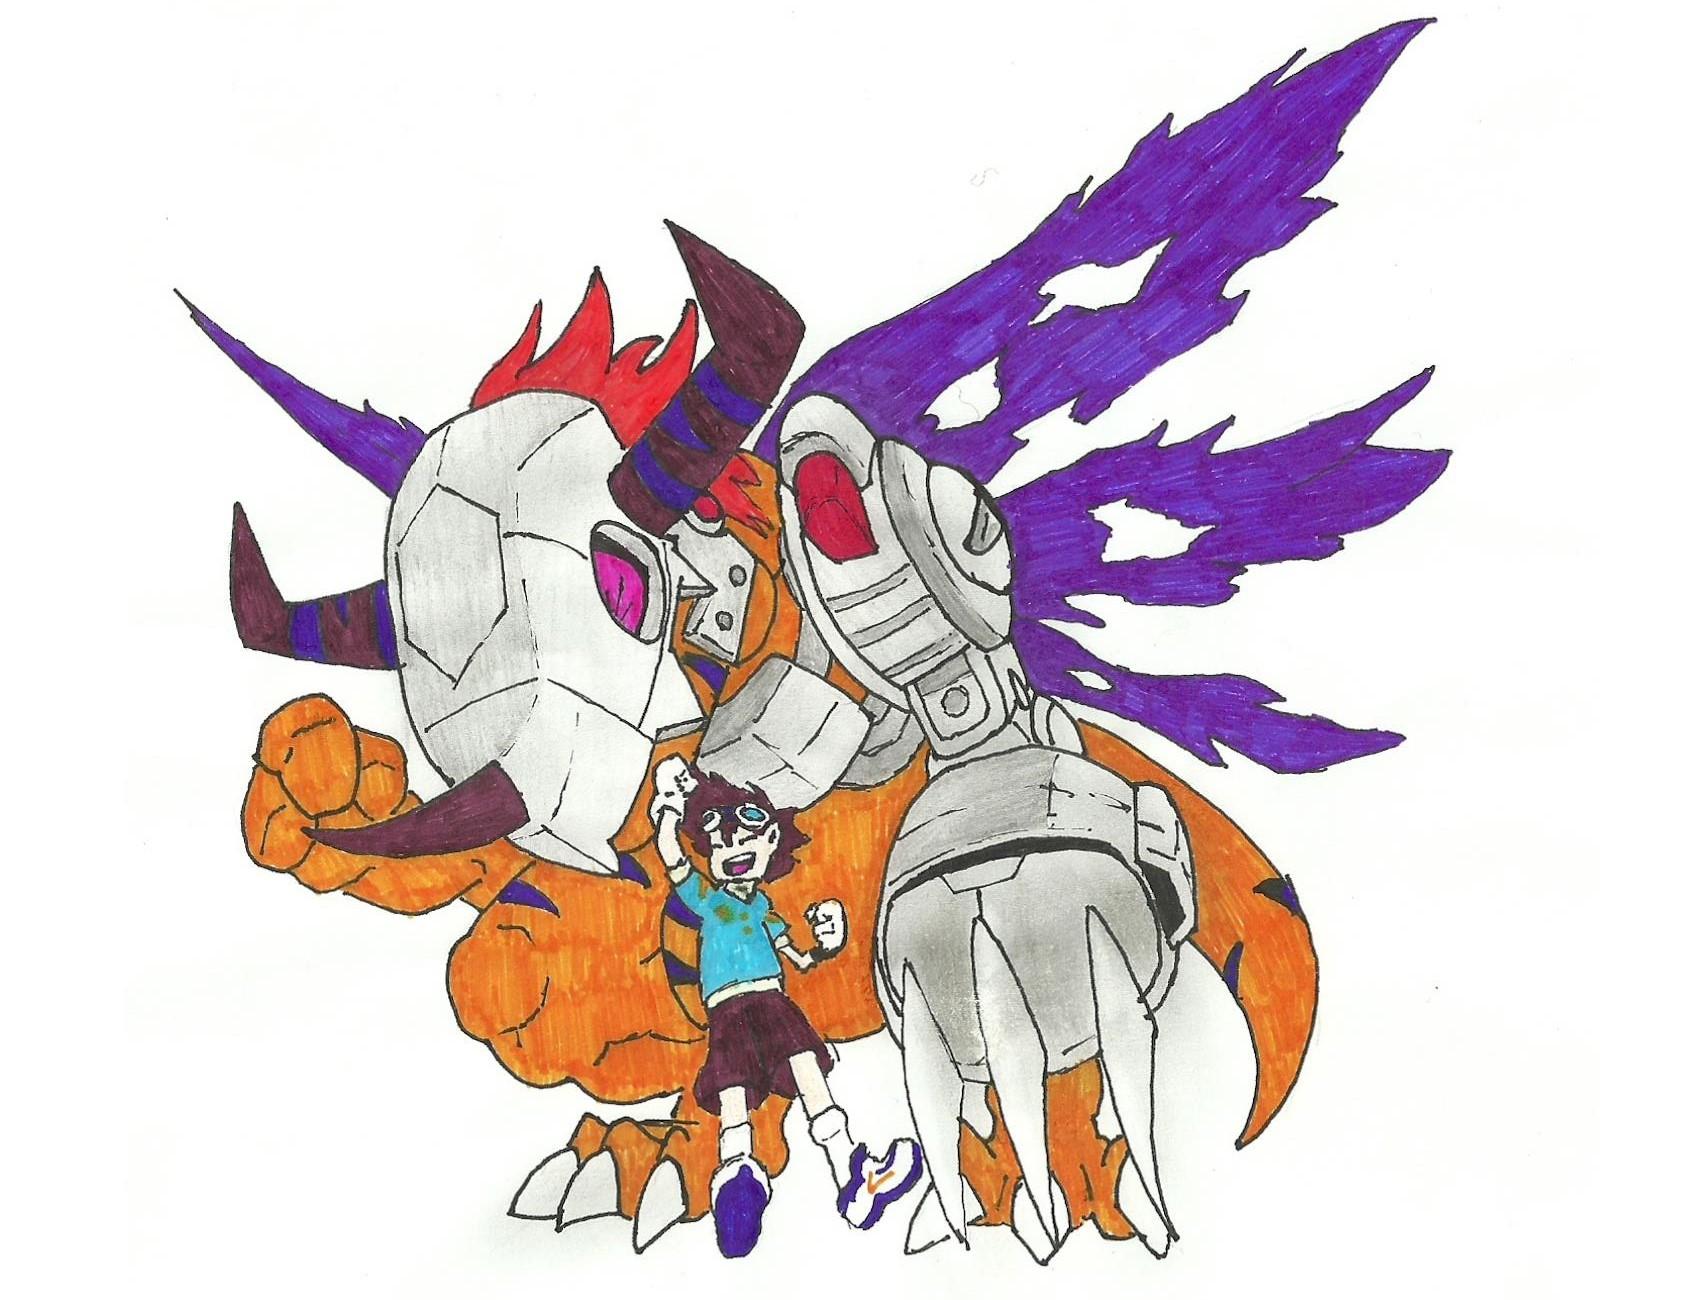 Digimon MetalGreymon and Tai